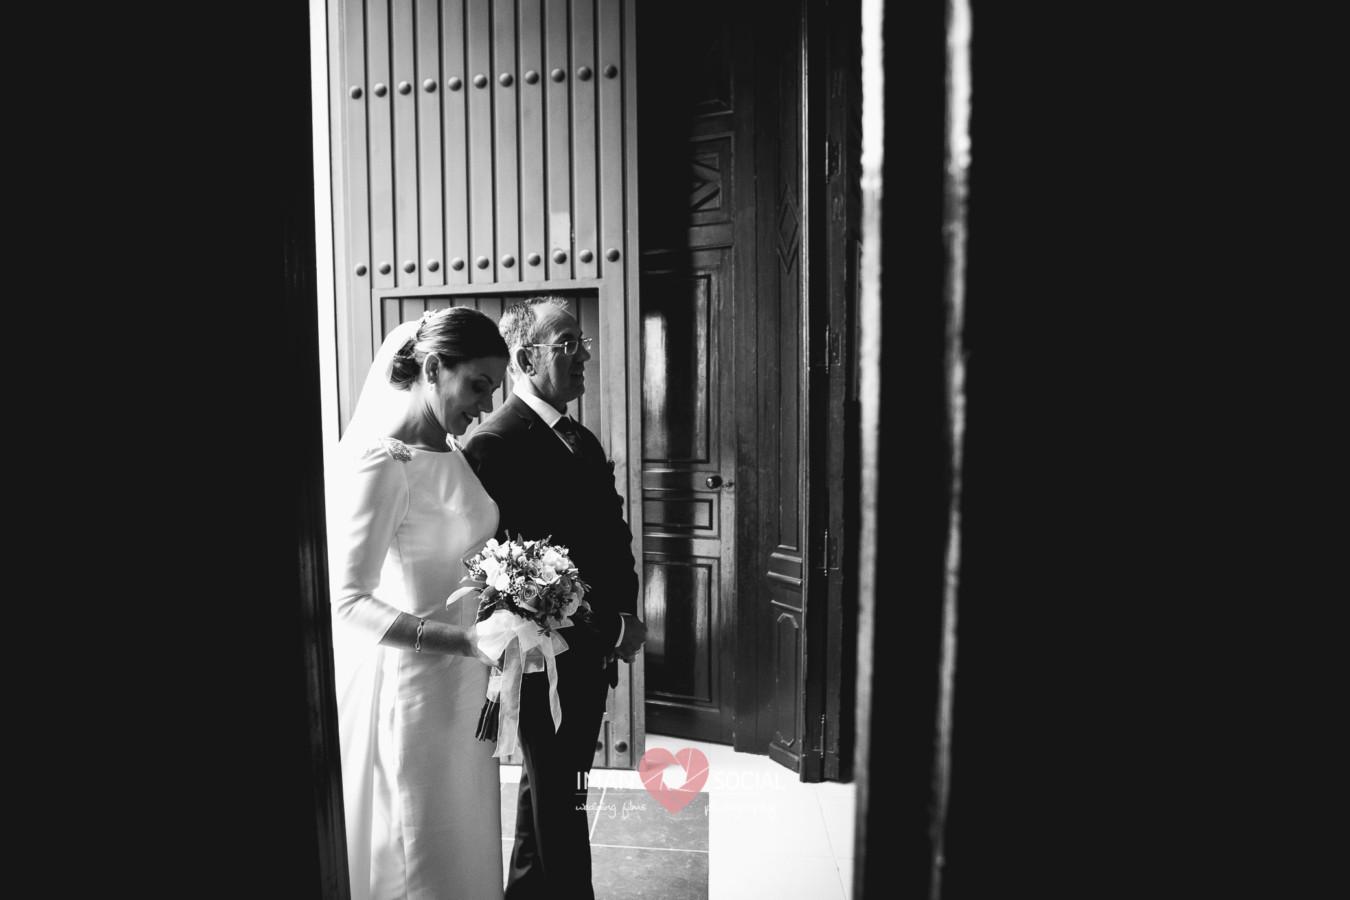 fotografo-de-boda-en-cordoba-sevilla-posadas-boda-auxi-y-antonio-26 Auxi & Antonio, primera boda de la temporada - video boda cordoba